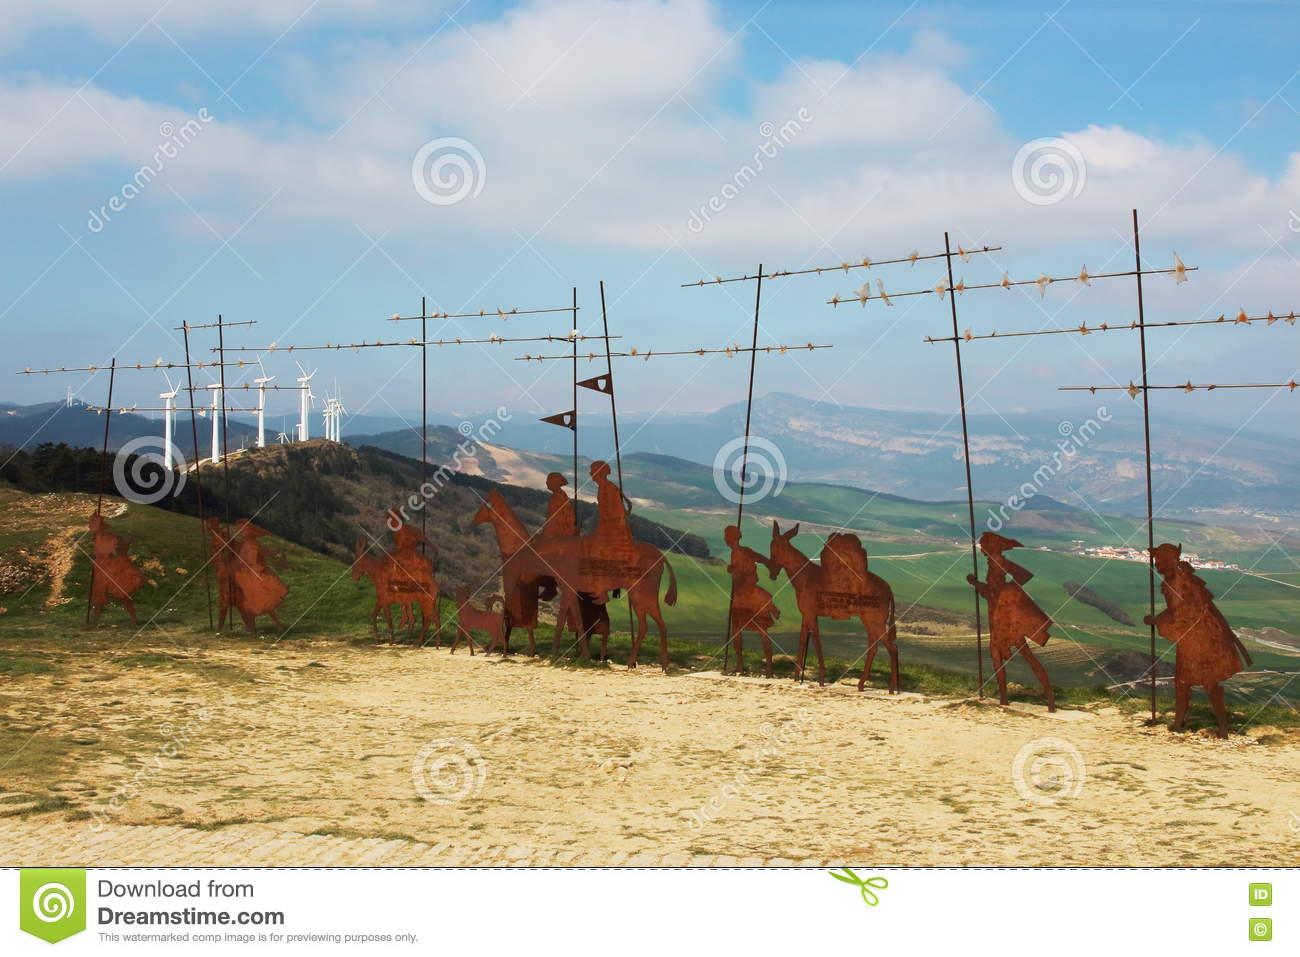 Metal Pilgrim Statues In Puerto Del Perdon Mountain Port, Camino.